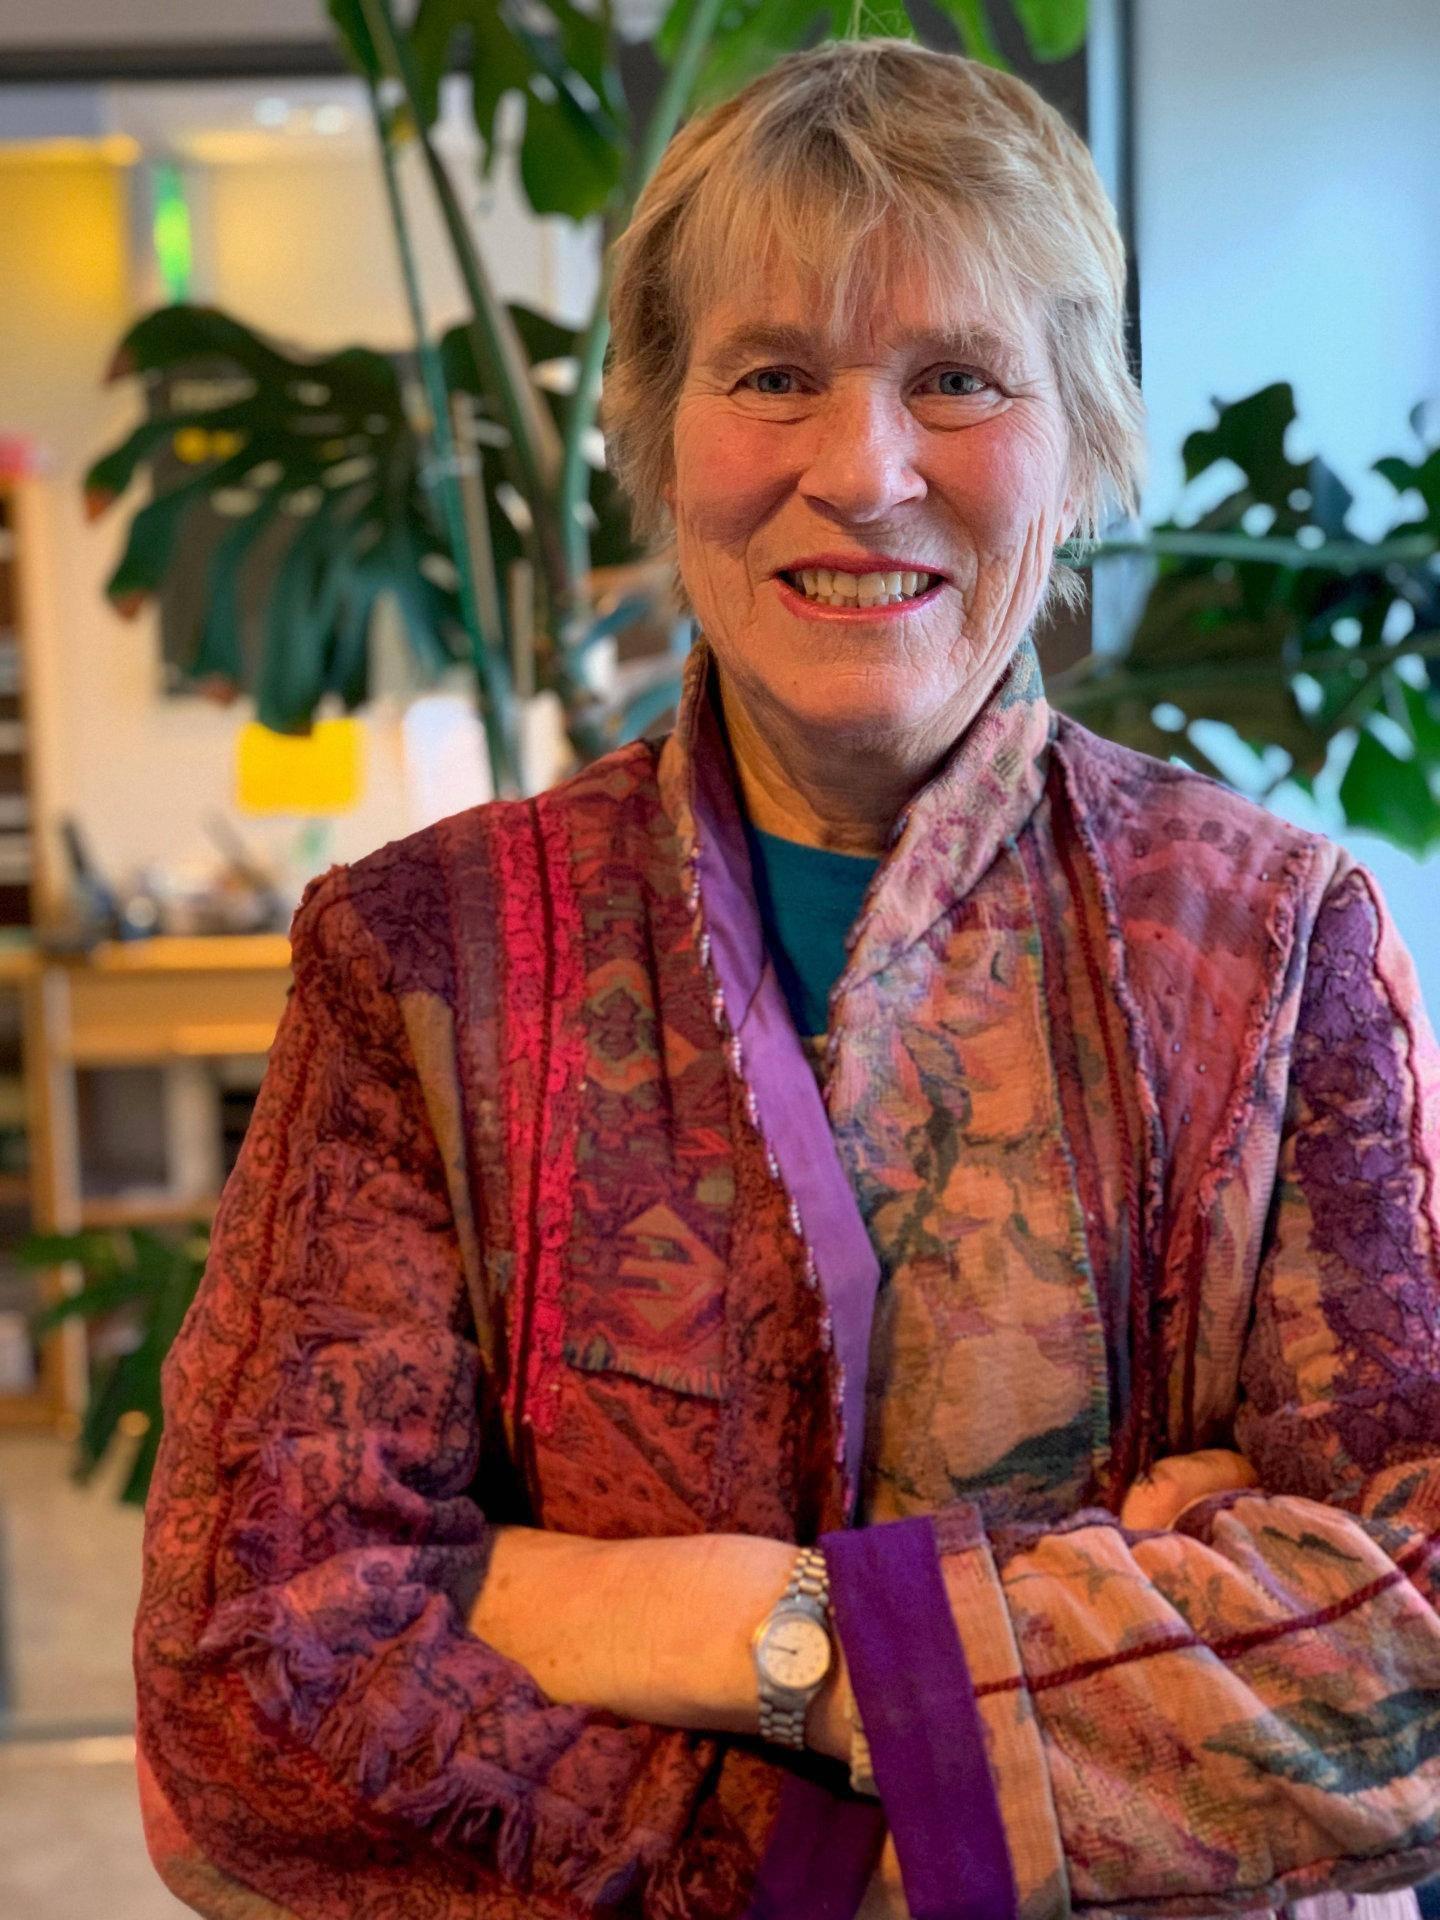 kritisk til nemndene: Johanne Sundby, gynekolog og professor i samfunnsmedisin, mener kvinnen vet best selv hvor mange barn hun bør ha. FOTO: UIO